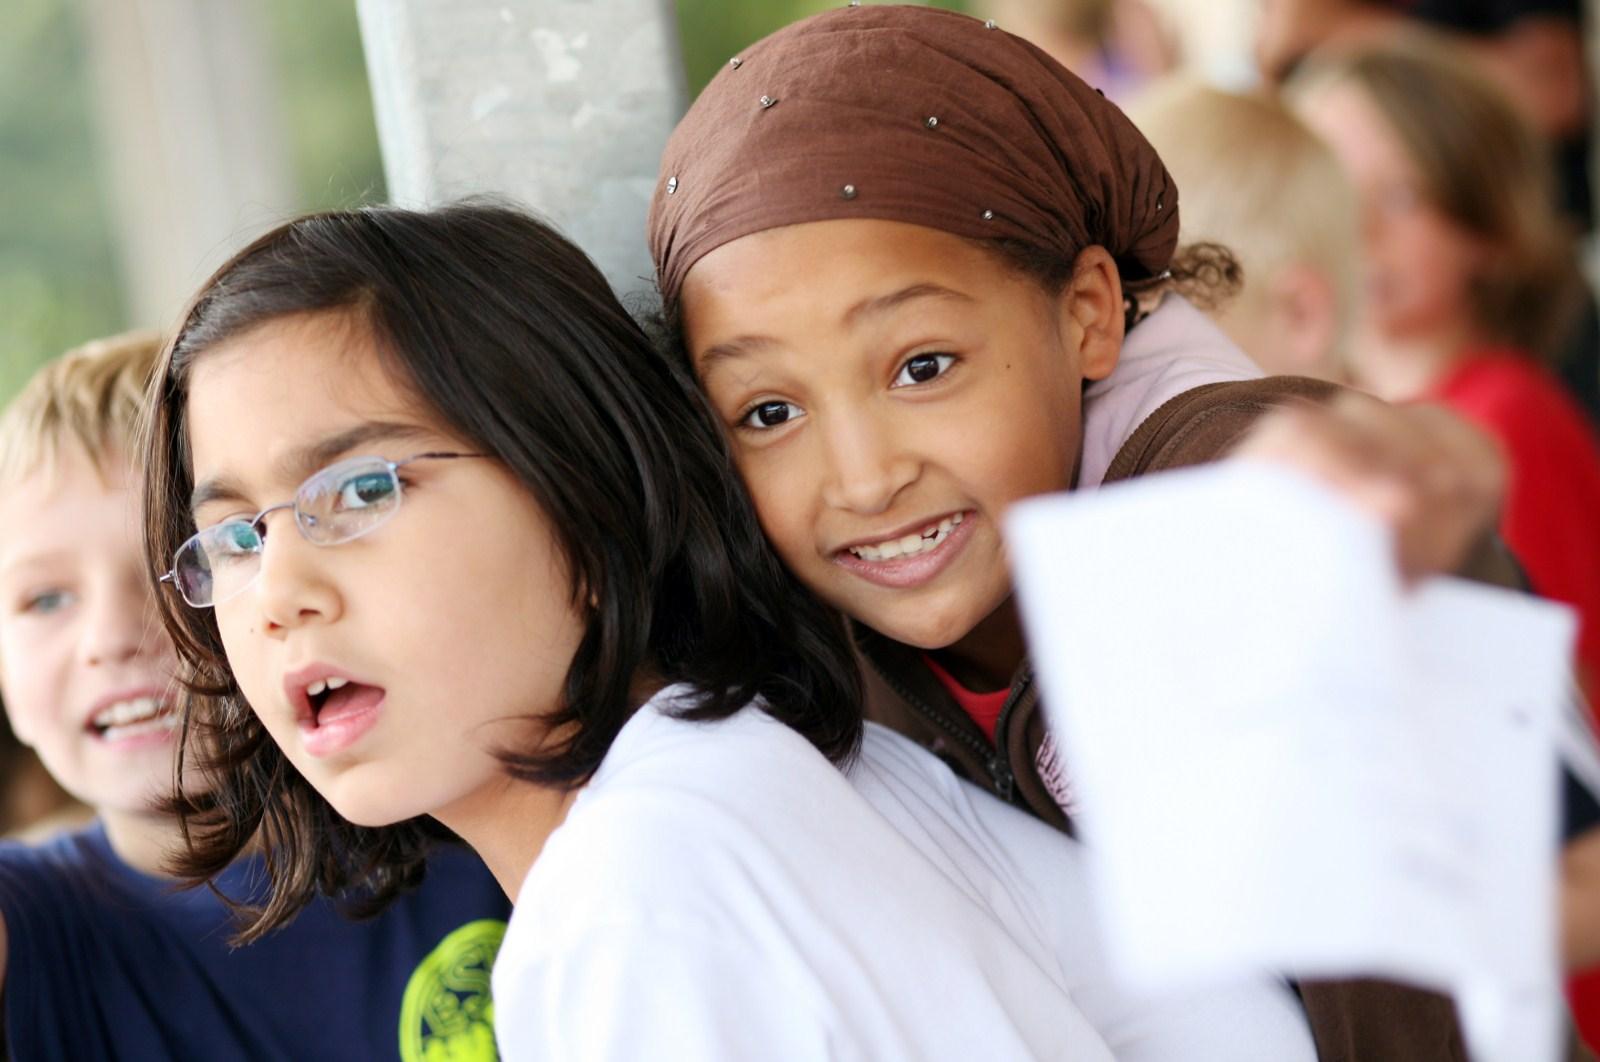 Kinder zeigen Begeisterung und feuern die anderen Kinder an